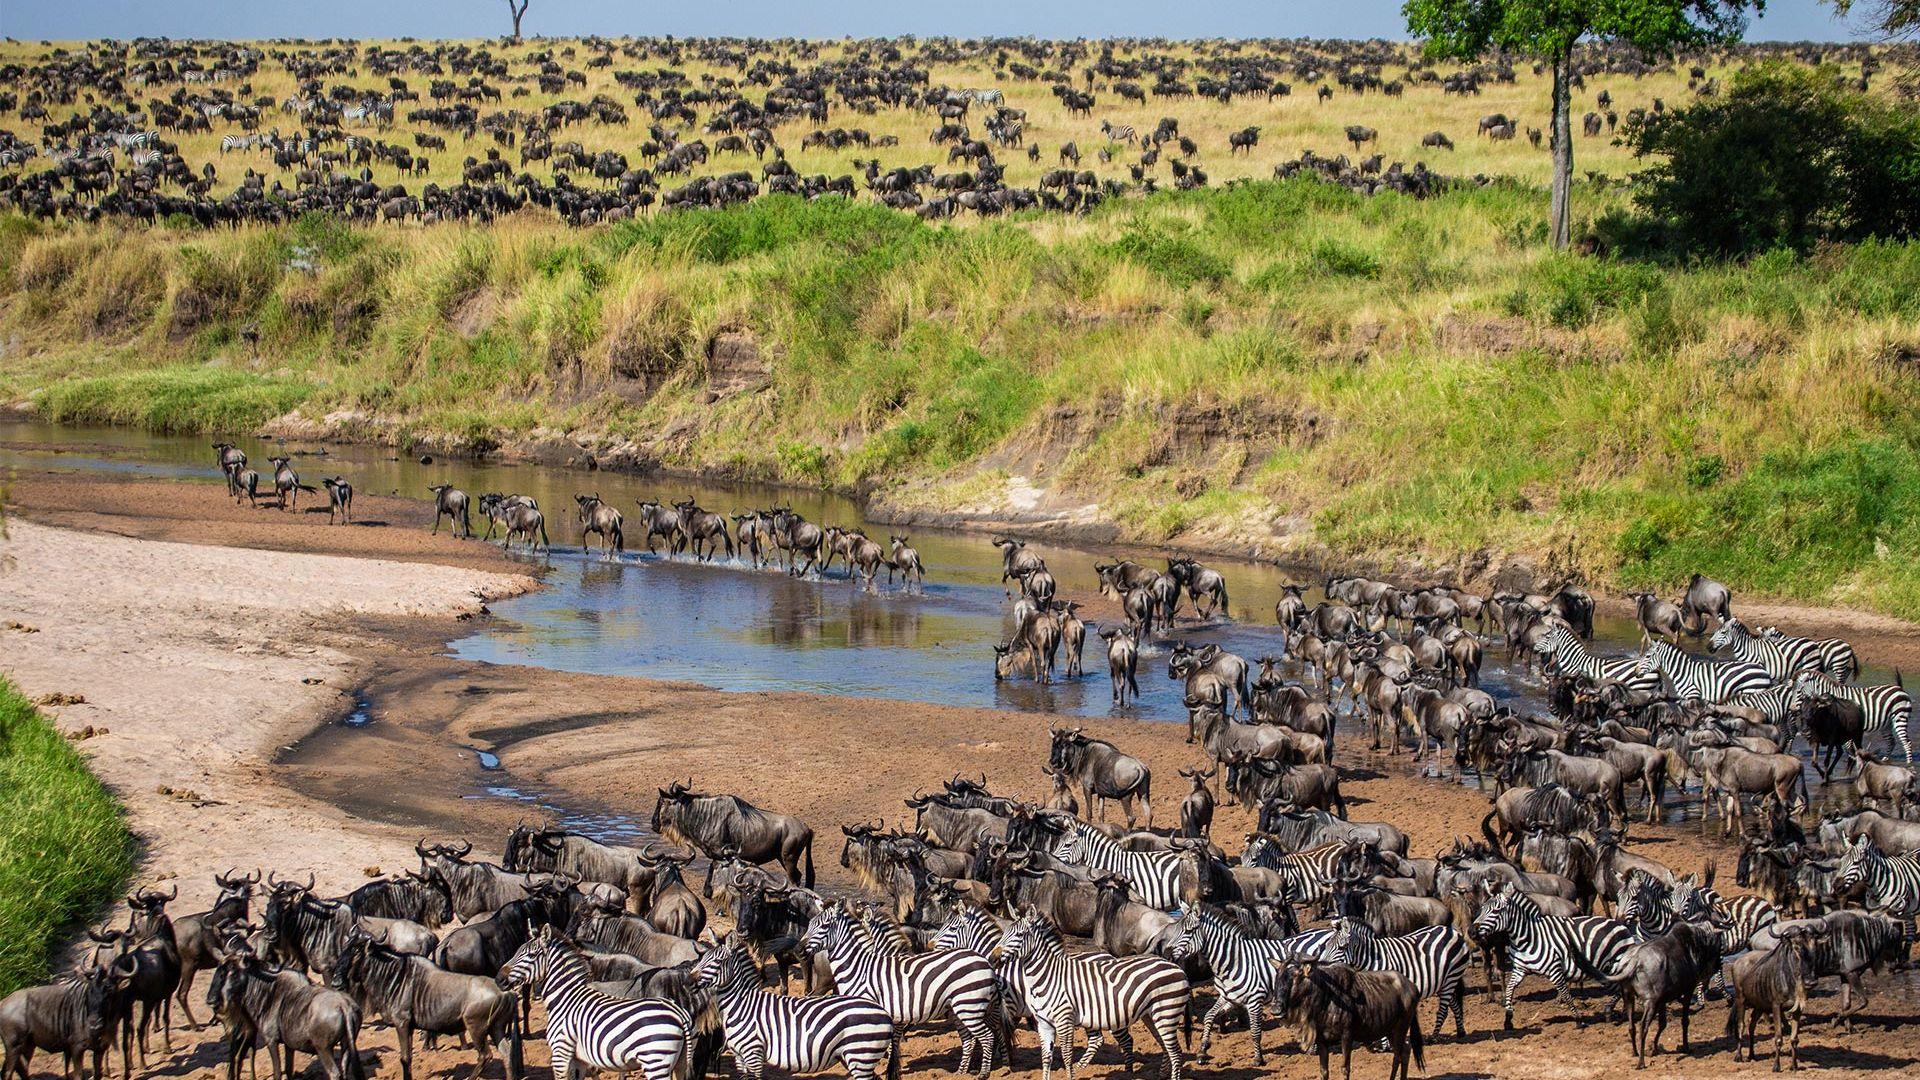 Circuit de grup - Kenya, safari Marea Migratie, 11 zile - septembrie 2021